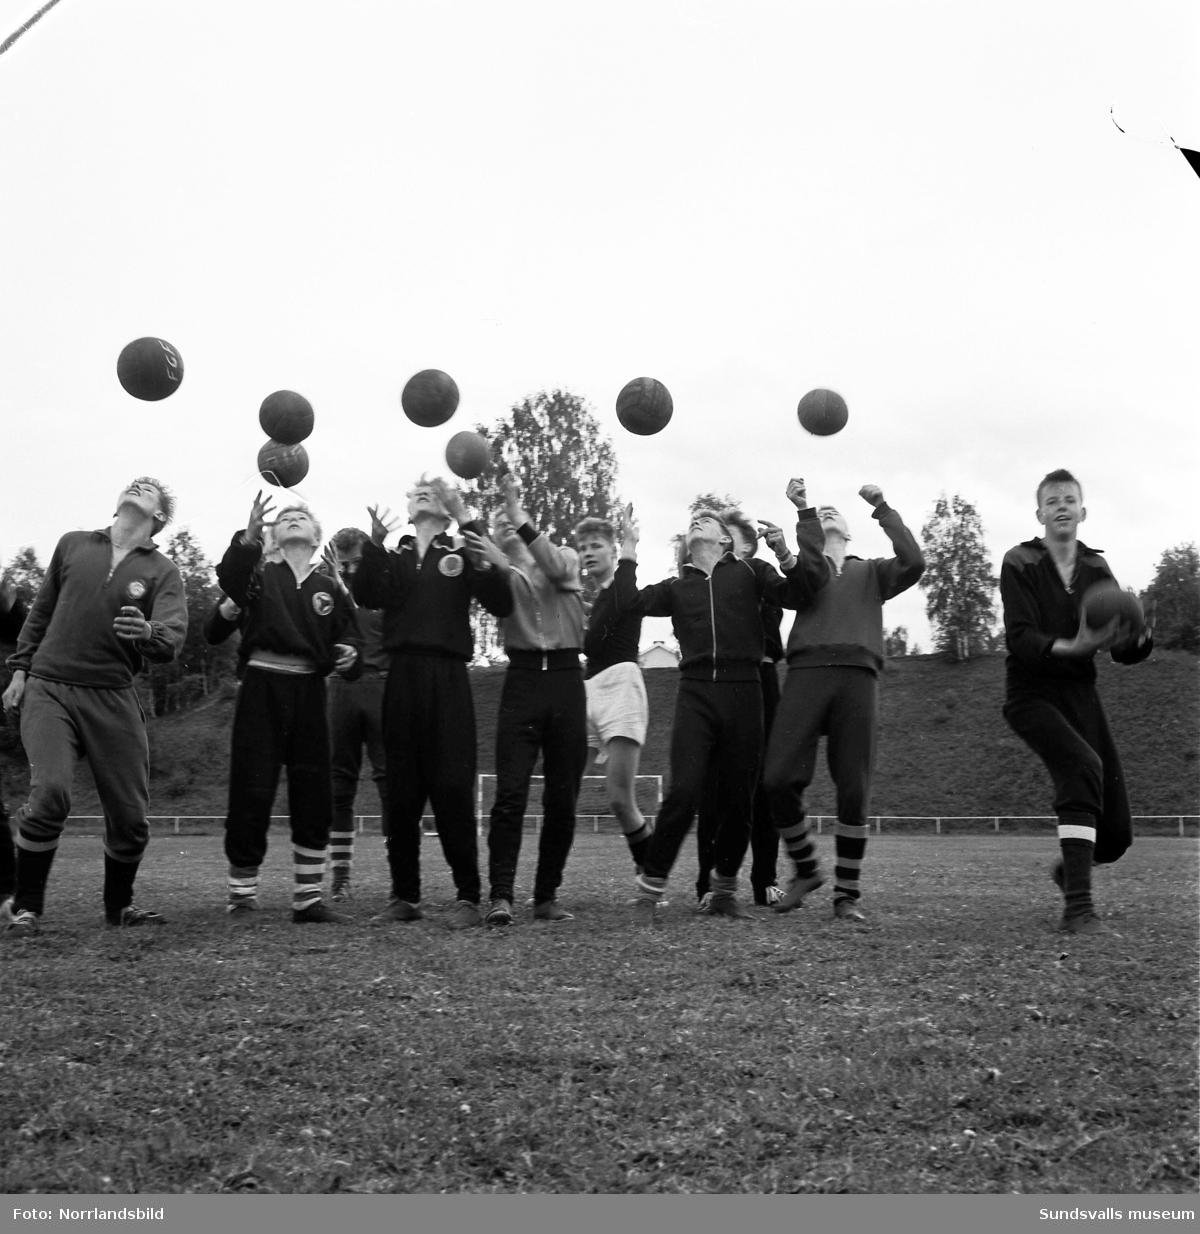 """Ett gäng fotbollskillar i NTO:s ungdomsklubb Paletten förlorade matchen mot sina kamrater från Vattjom med 0-1. Matchen spelades på läroverksplanen och förlorarnas """"straff"""" utgjordes av en fotvandring till NTO:s riksmöte i Östersund. På första bilden ses från vänster: Bert Söderberg, Kjell Holmlund, Nils Smedberg, Sture Åström, Sigge Lundell, Lars-Ivar Karlsson, Kent Dufvenberg, Christer Slemskog, Leif Söderberg, Tony Tjärnlund och Kjell Forsström."""